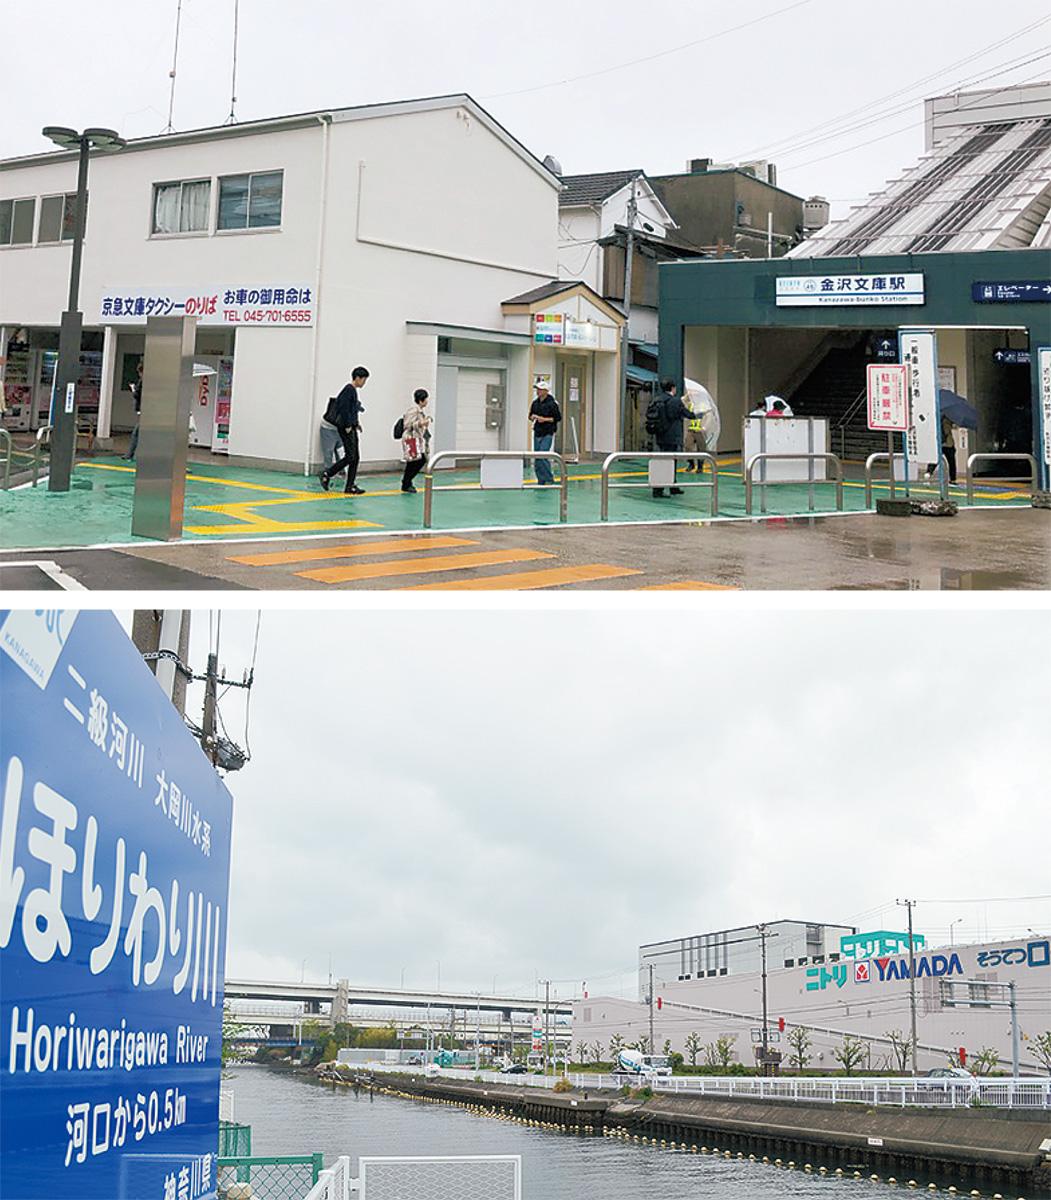 金沢文庫駅東口(金沢区・写真上)と八幡橋交差点付近(磯子区)